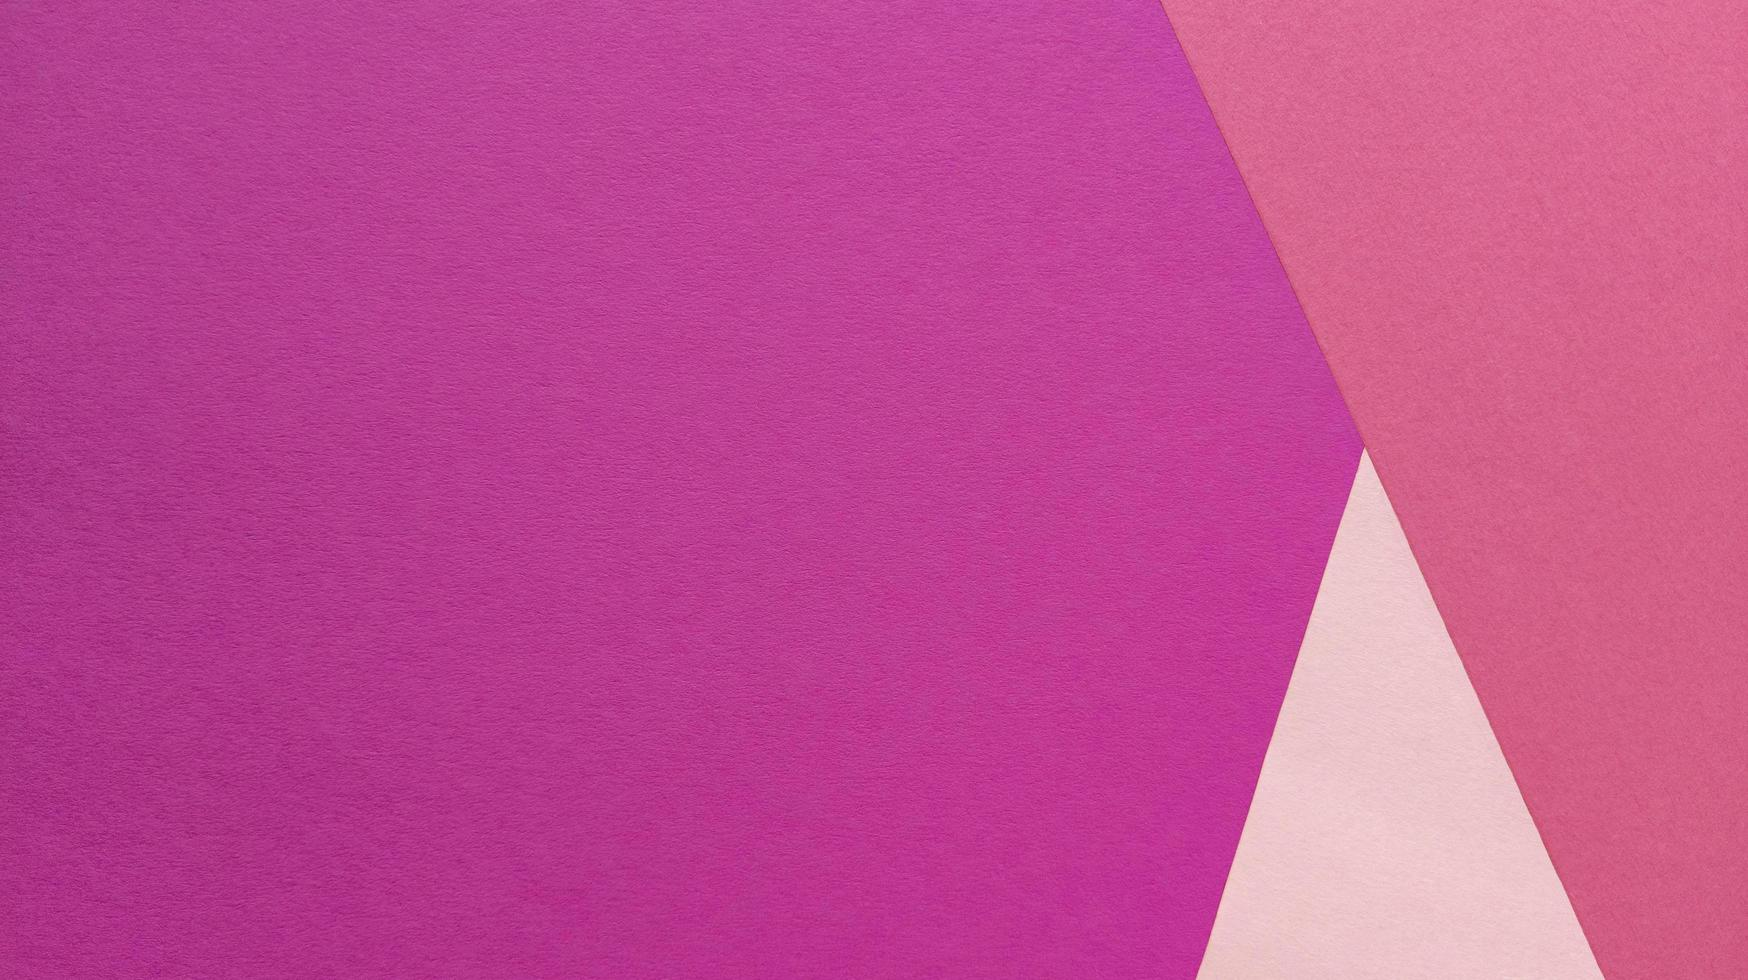 eenvoudig plat leggen met pastel textuur en driehoekige vormen. roze papieren achtergrond. Stock foto. foto